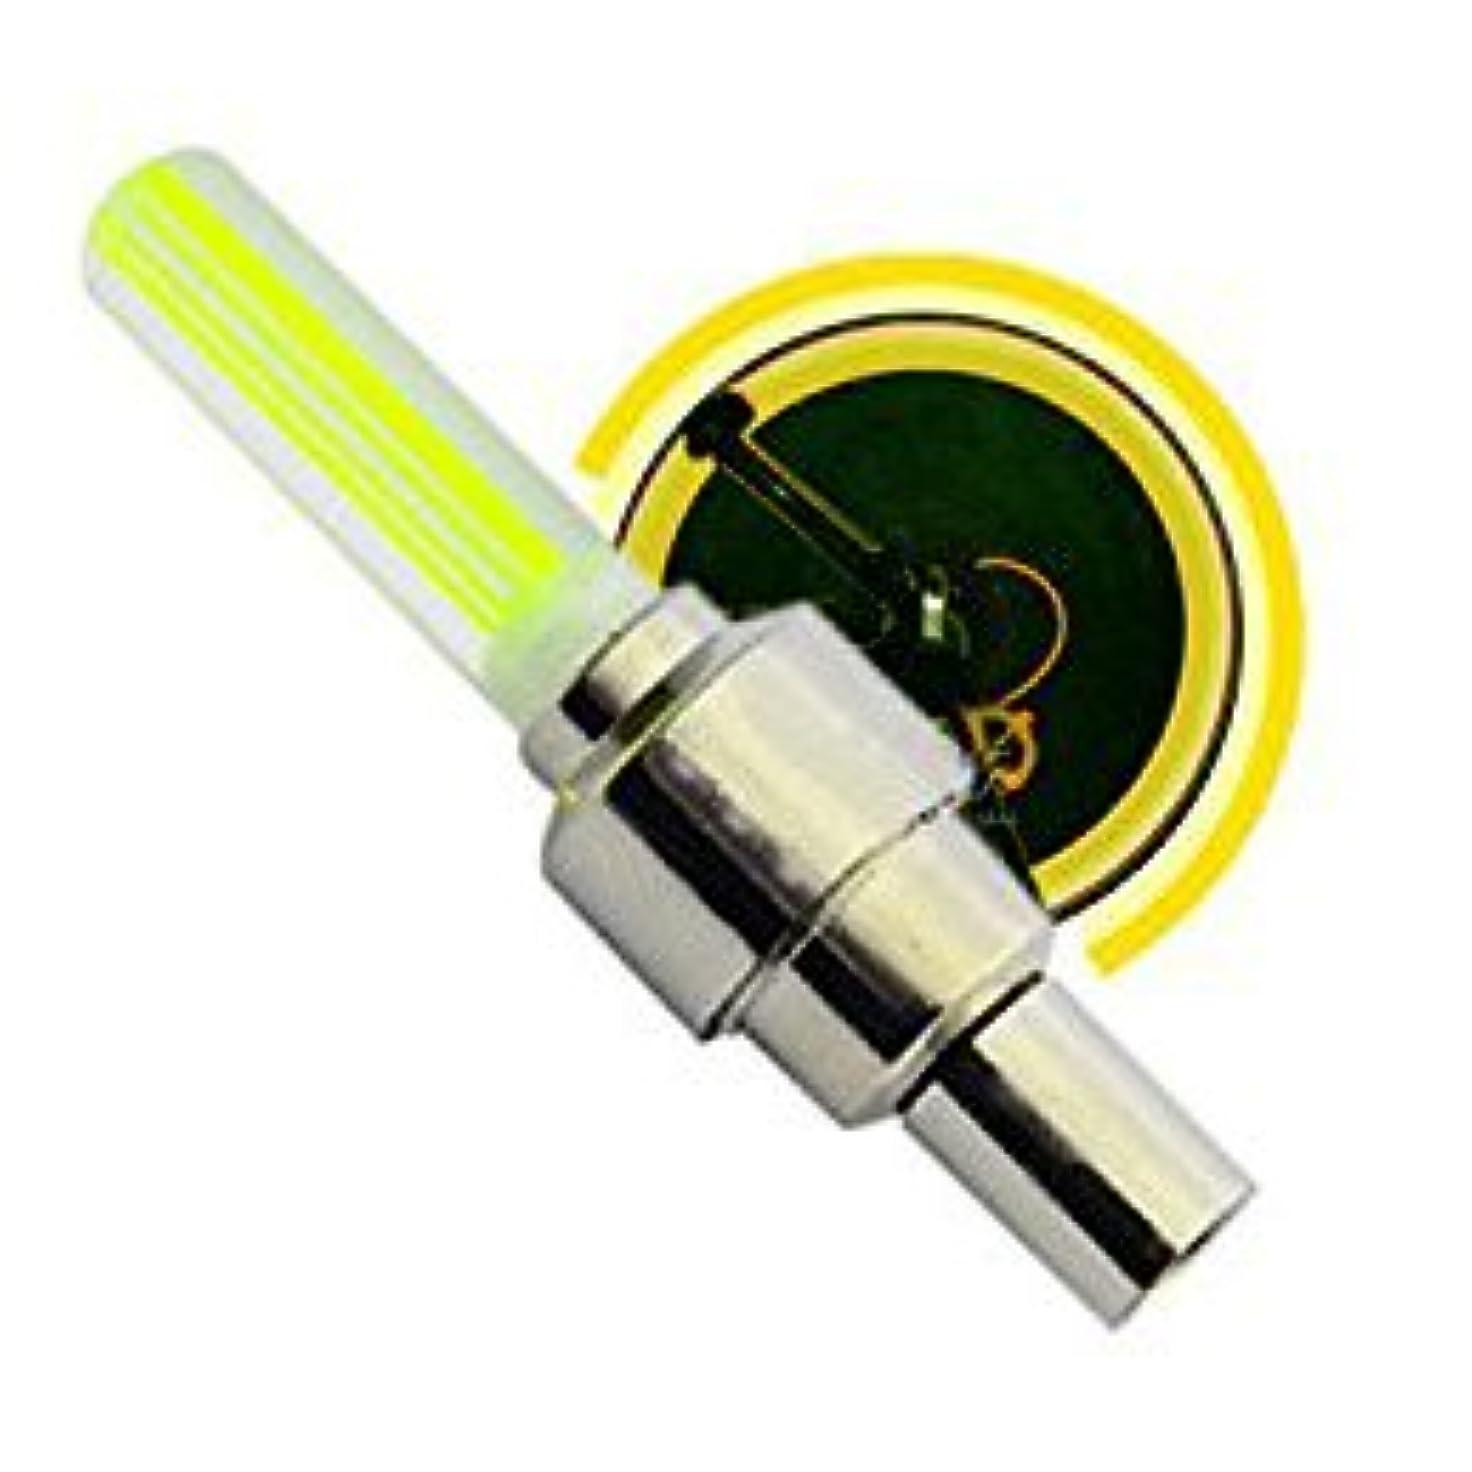 細分化するナインへ記述する【まとめ 2セット】 ITPROTECH LED バルブエアーキャップ/イエロー YT-LEDCAP/YL